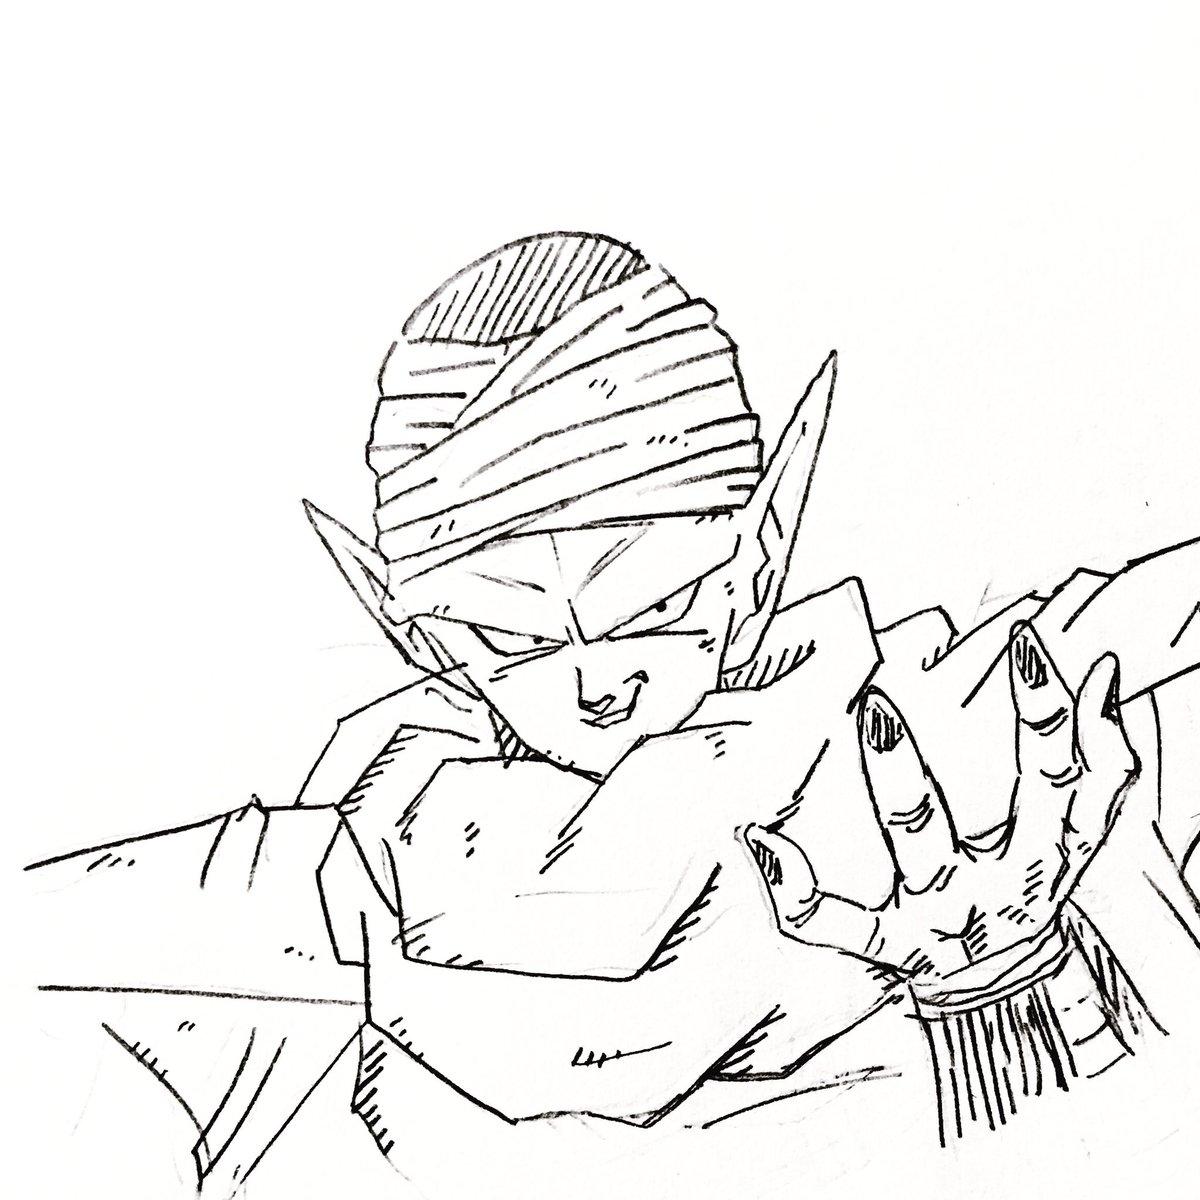 #ドラゴンボール#絵描きさんと繋がりたいピッコロさん。